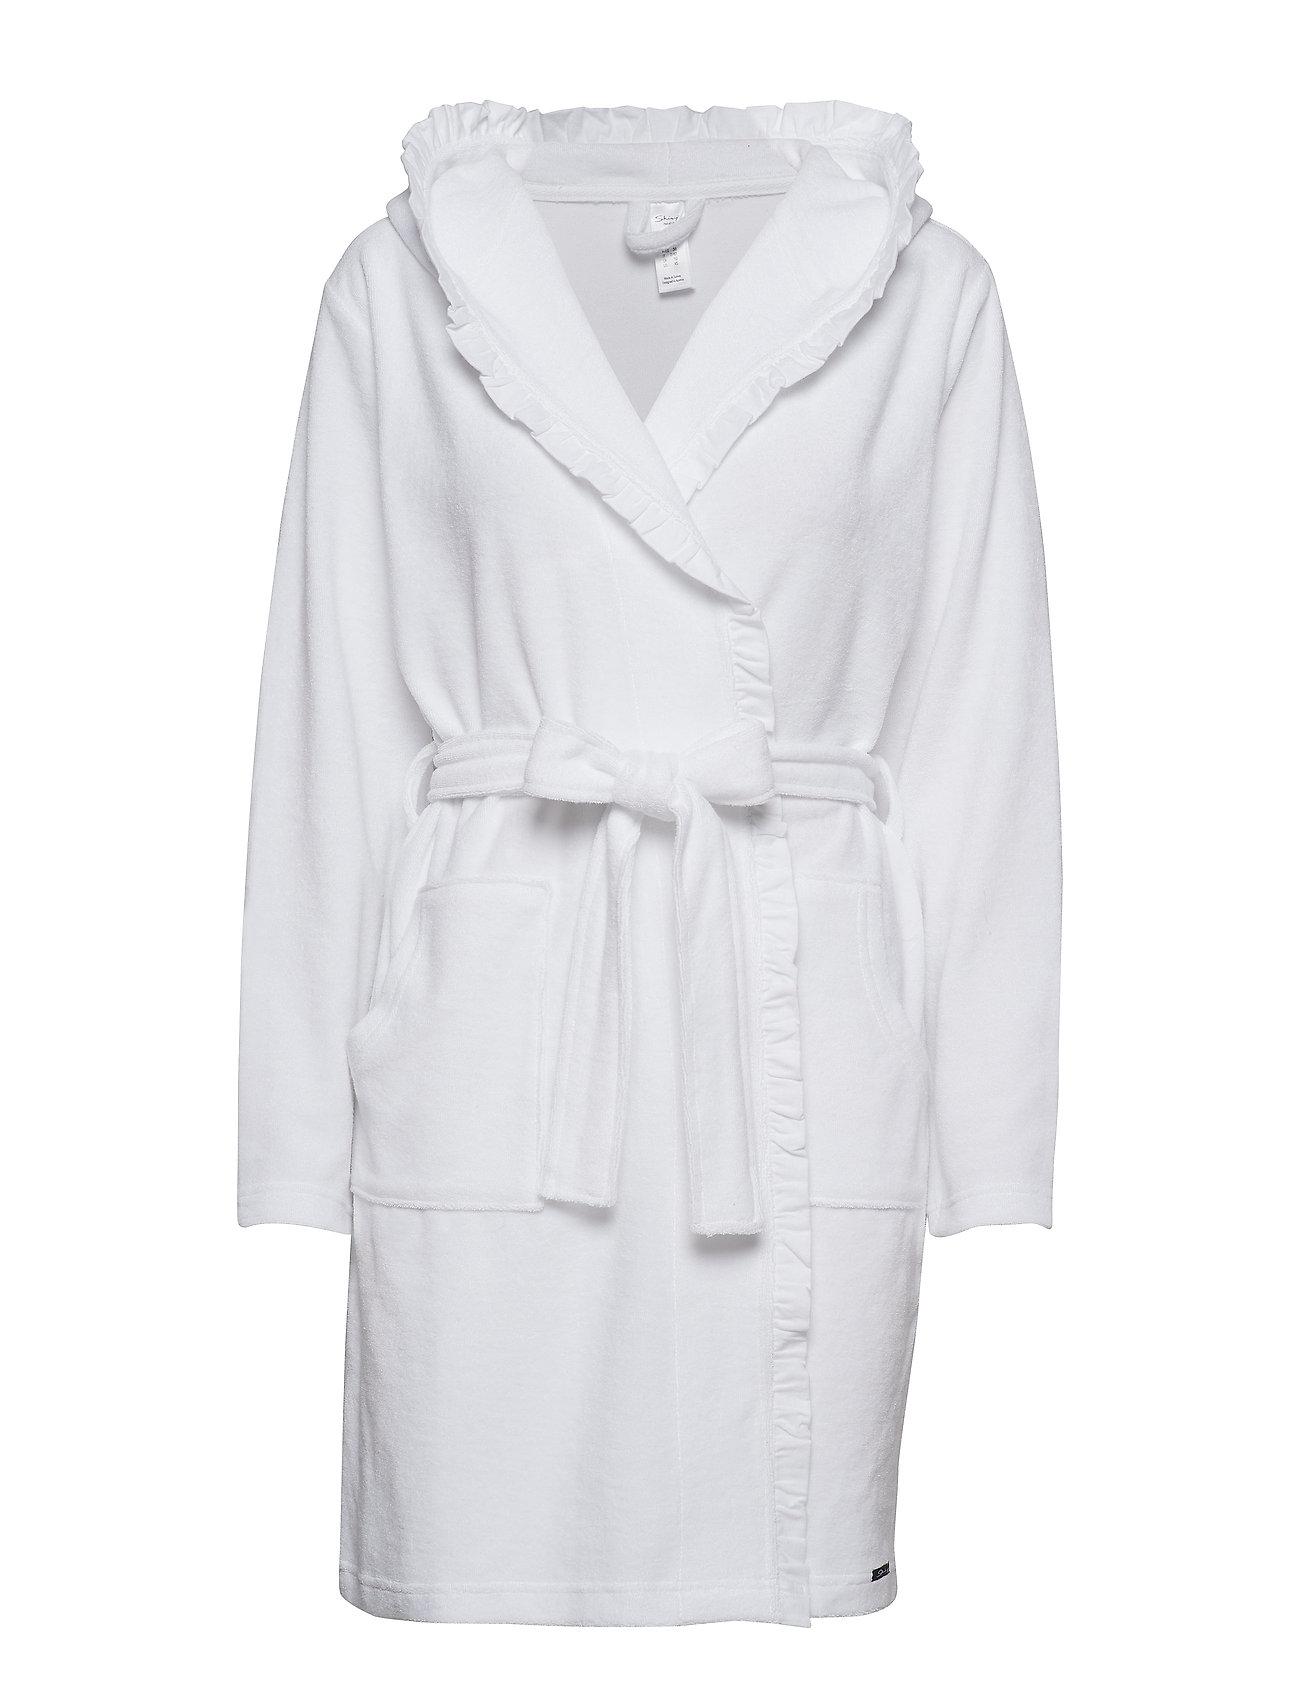 L. Robe Skiny Nattøj til Kvinder i hvid